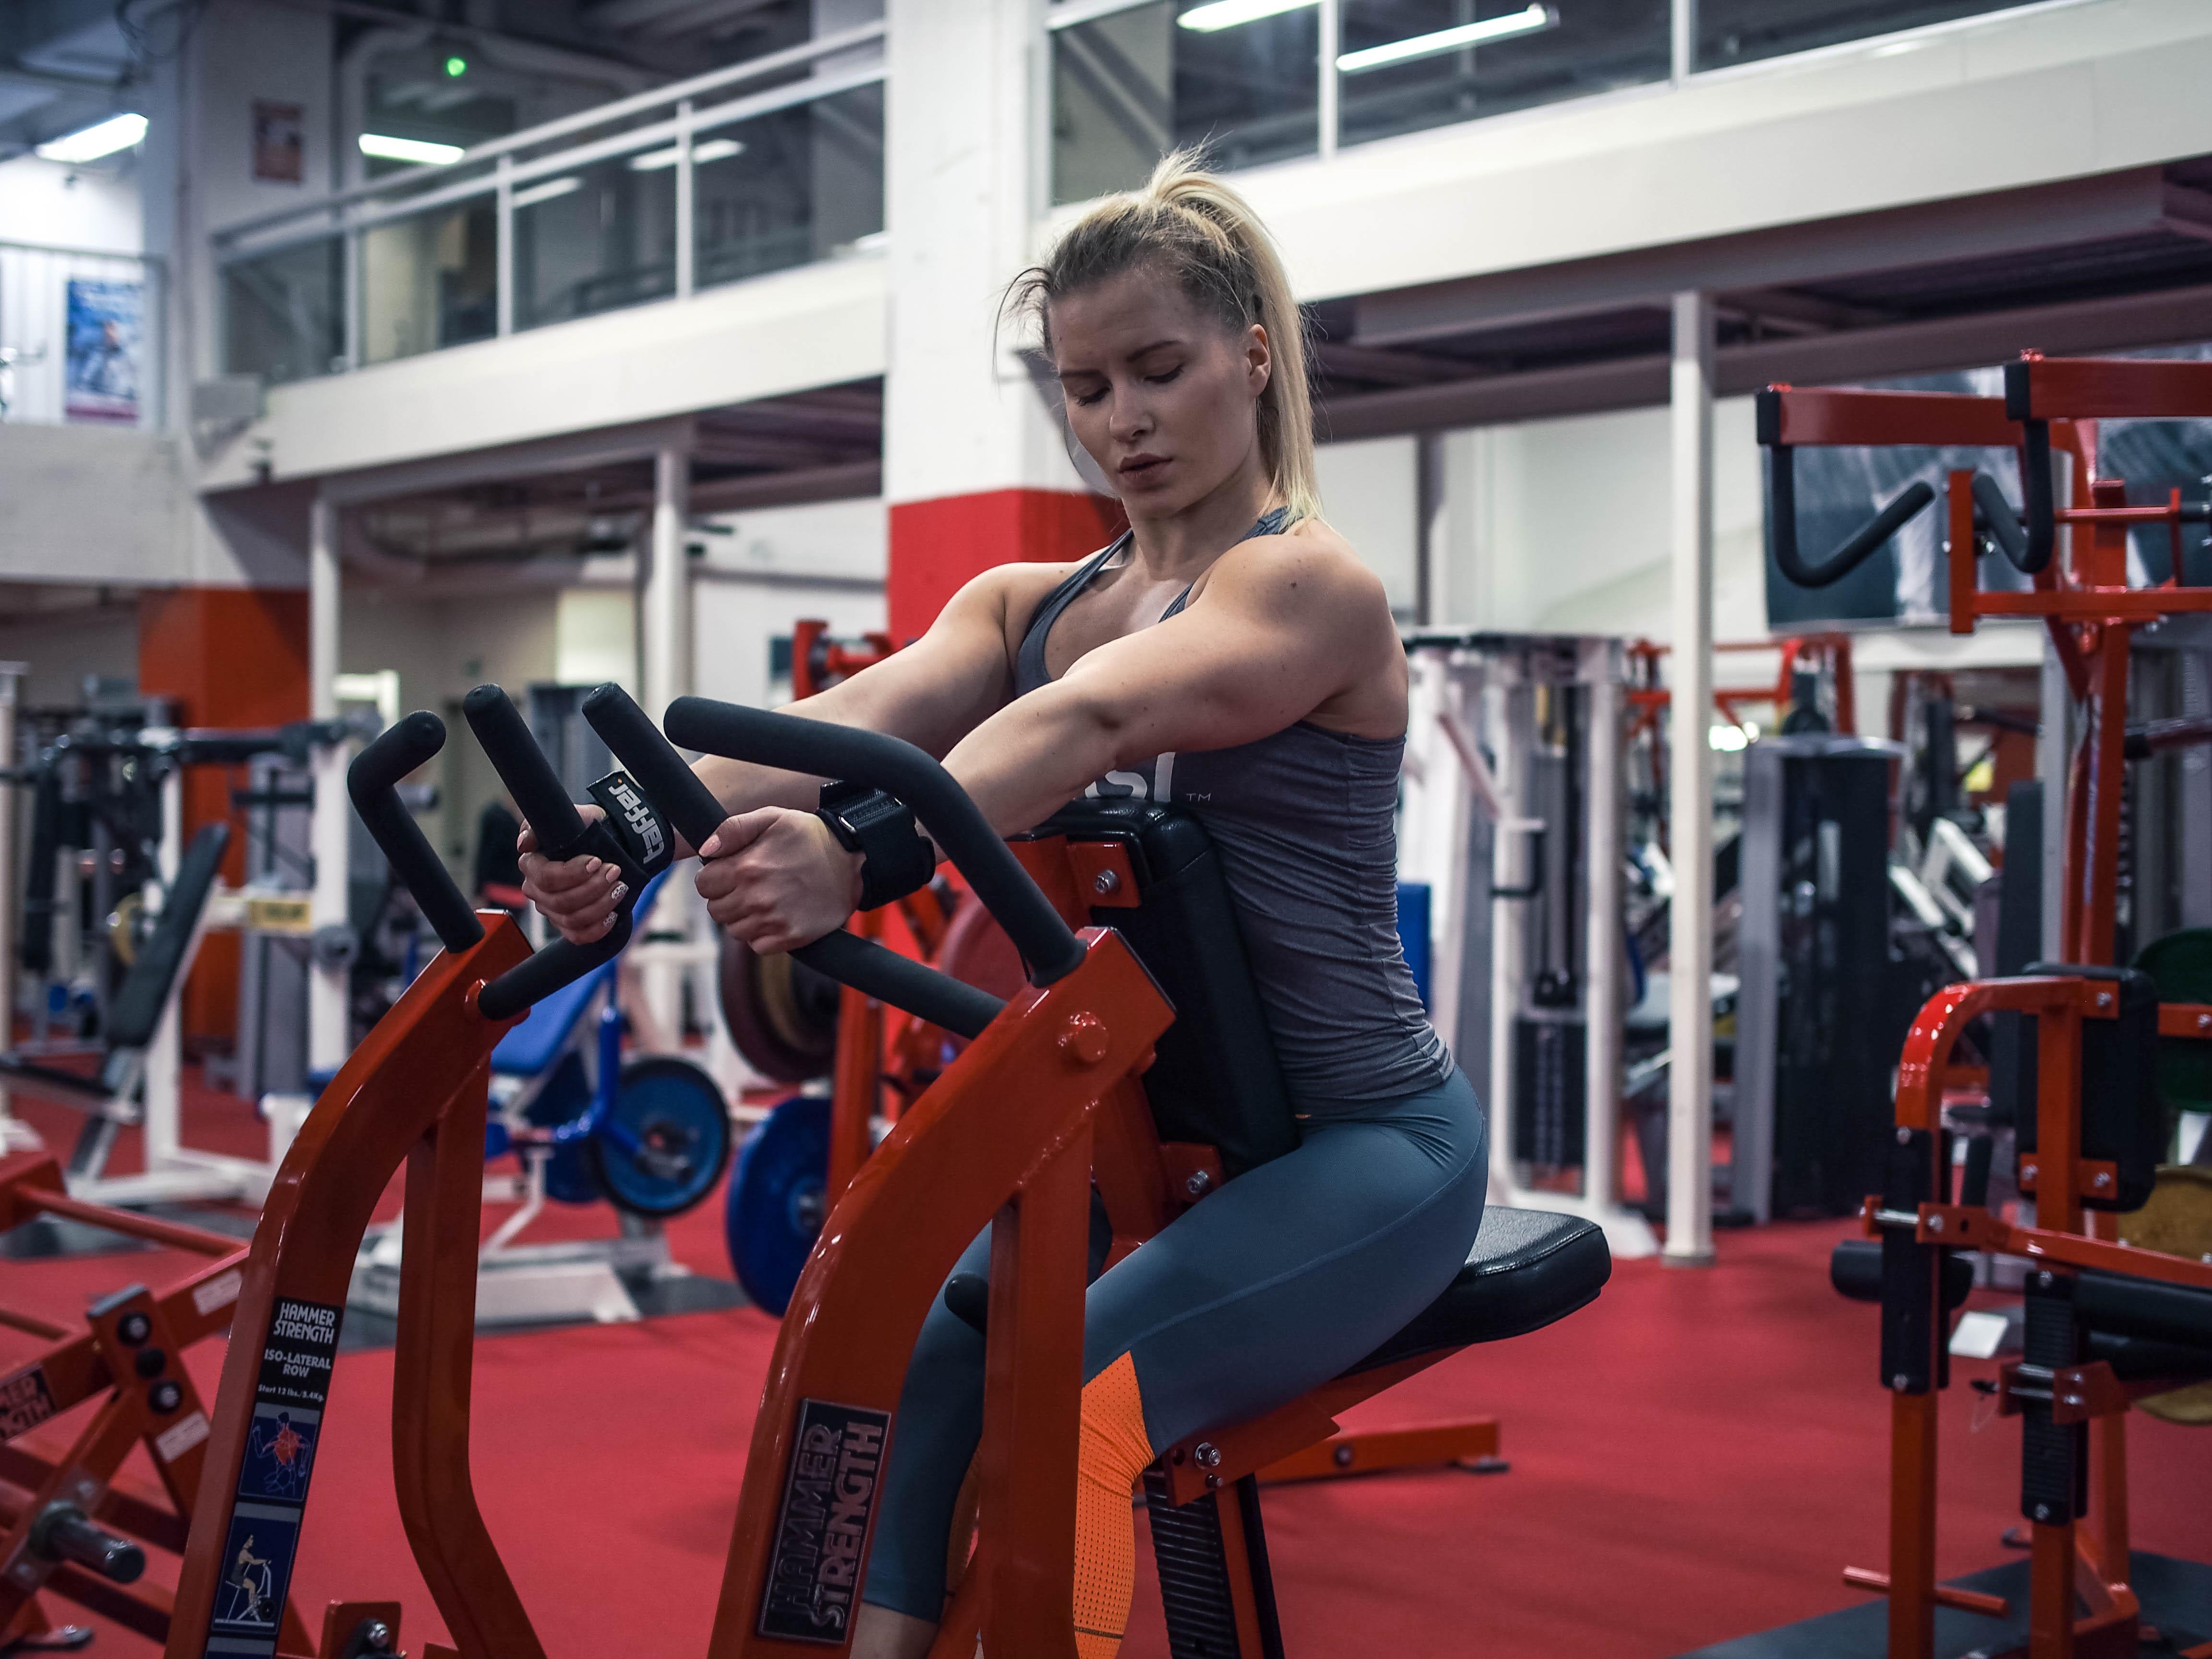 vapaaohjelma-fitness-3